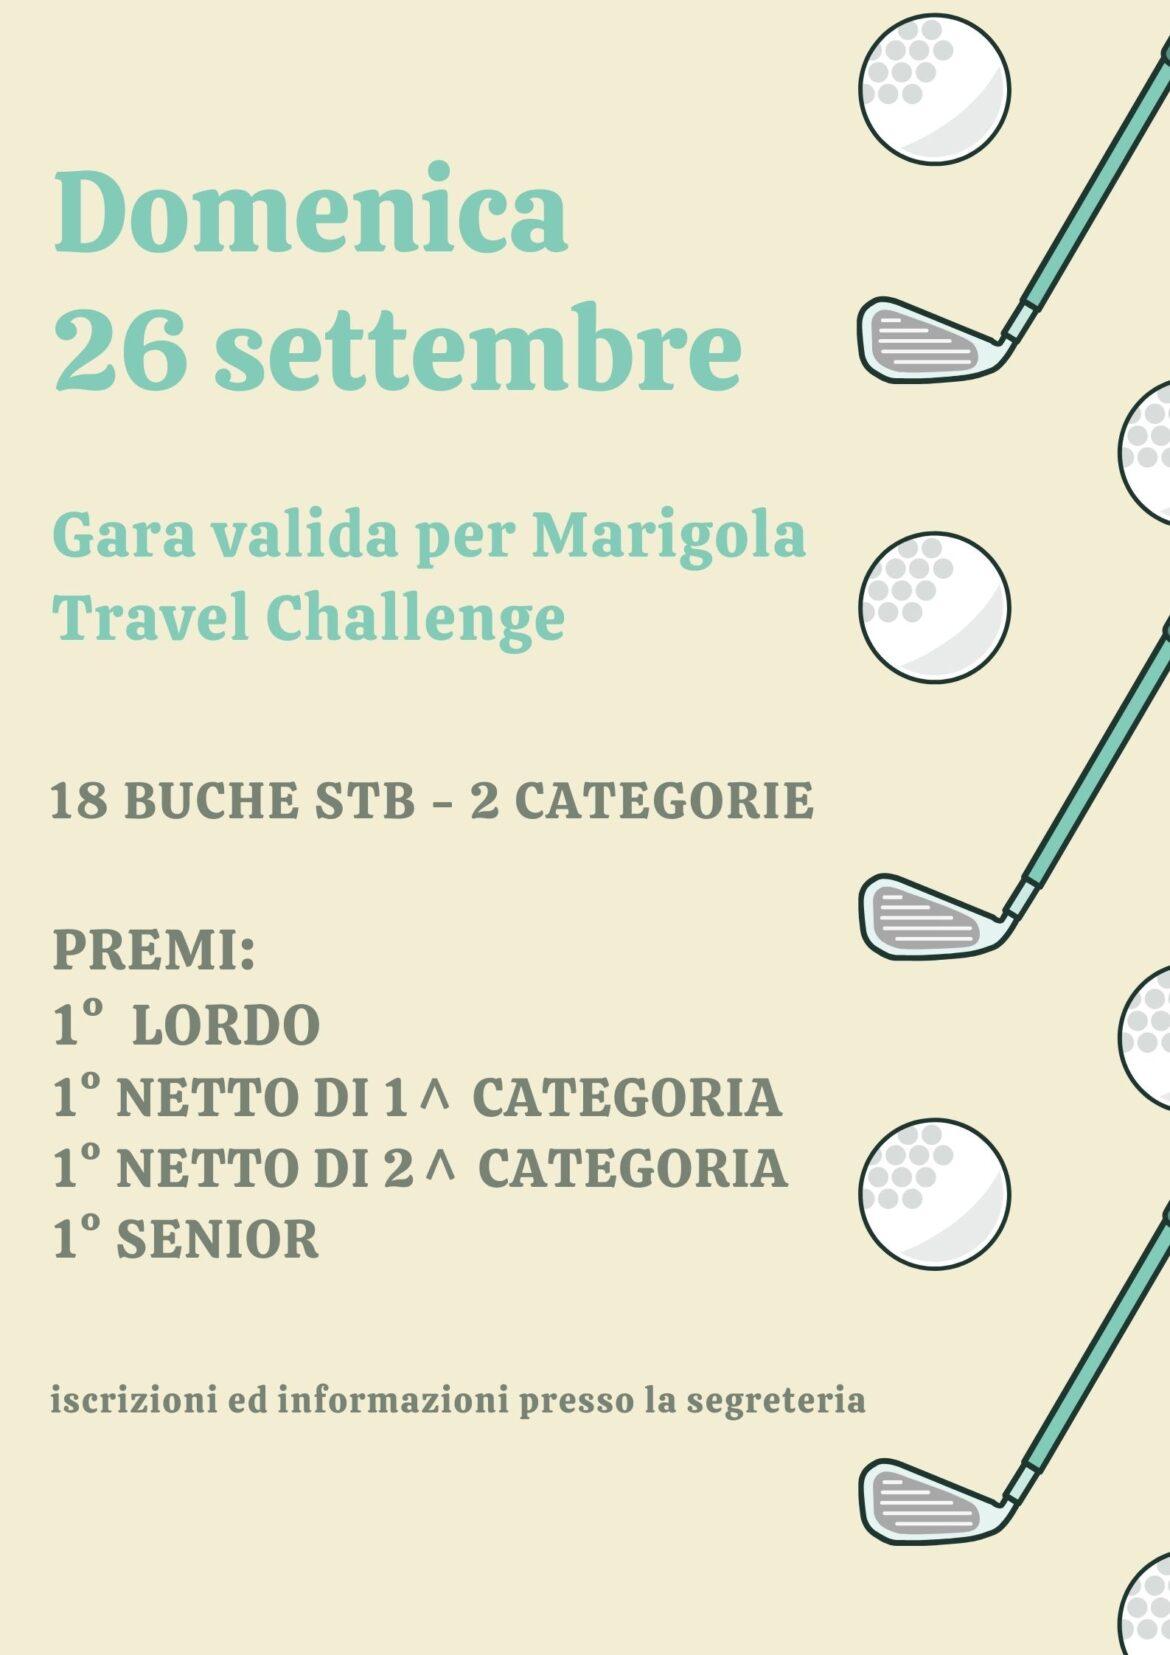 MARIGOLA TRAVEL CHALLENGE – DOMENICA 26 SETTEMBRE 2021